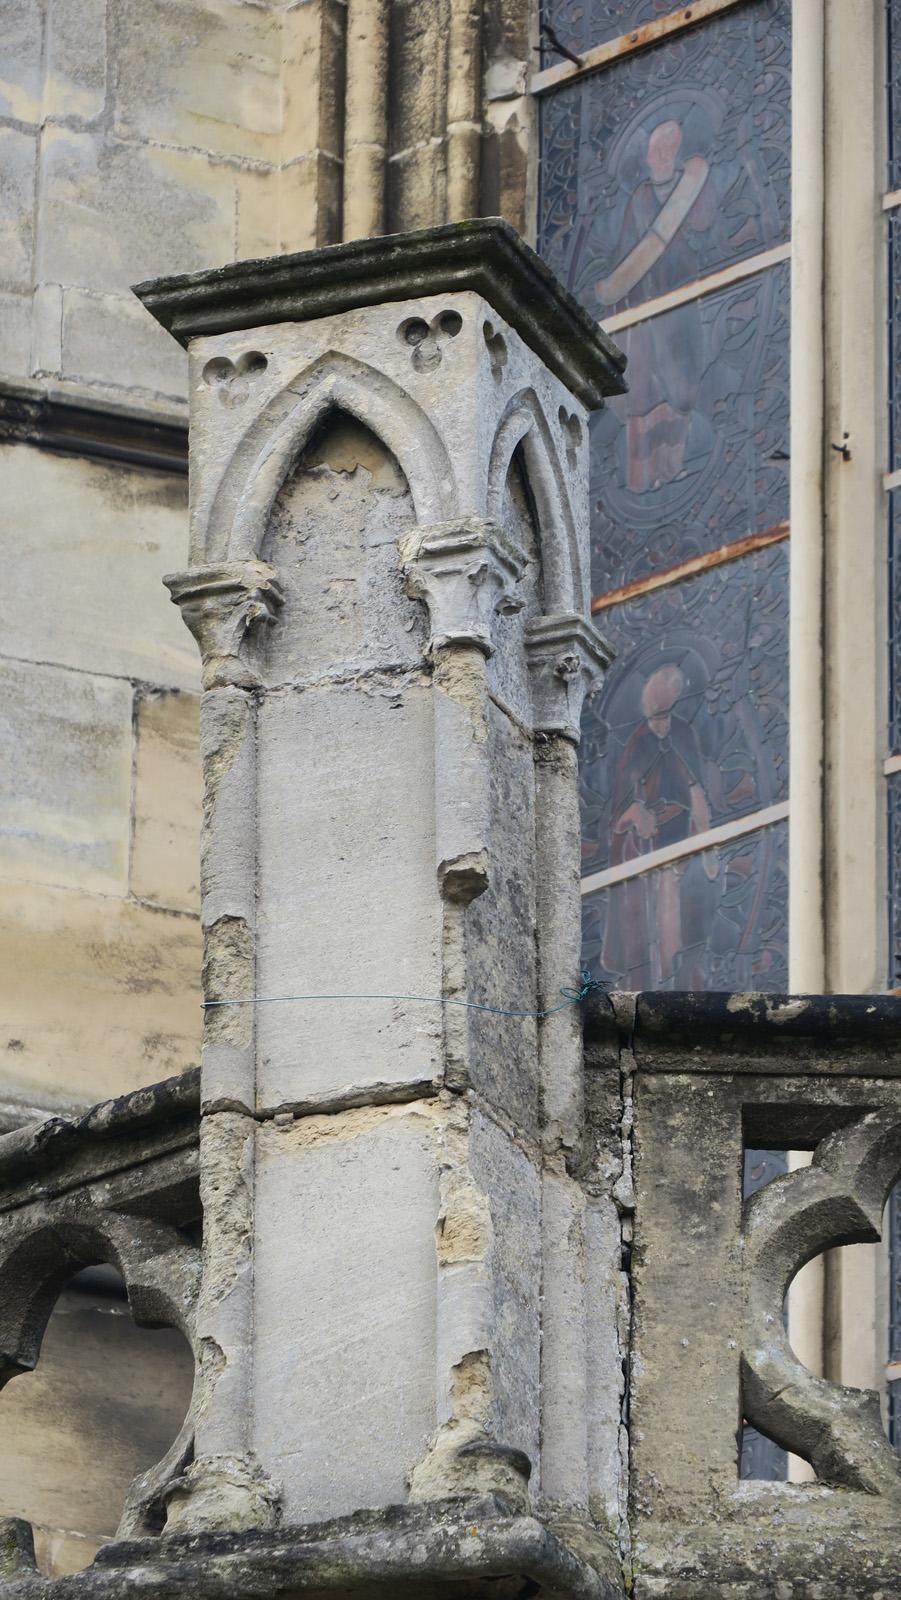 Destruction de la pierre de la colonne sous l'action de l'eau et de la pollution – extérieur de la sacristie